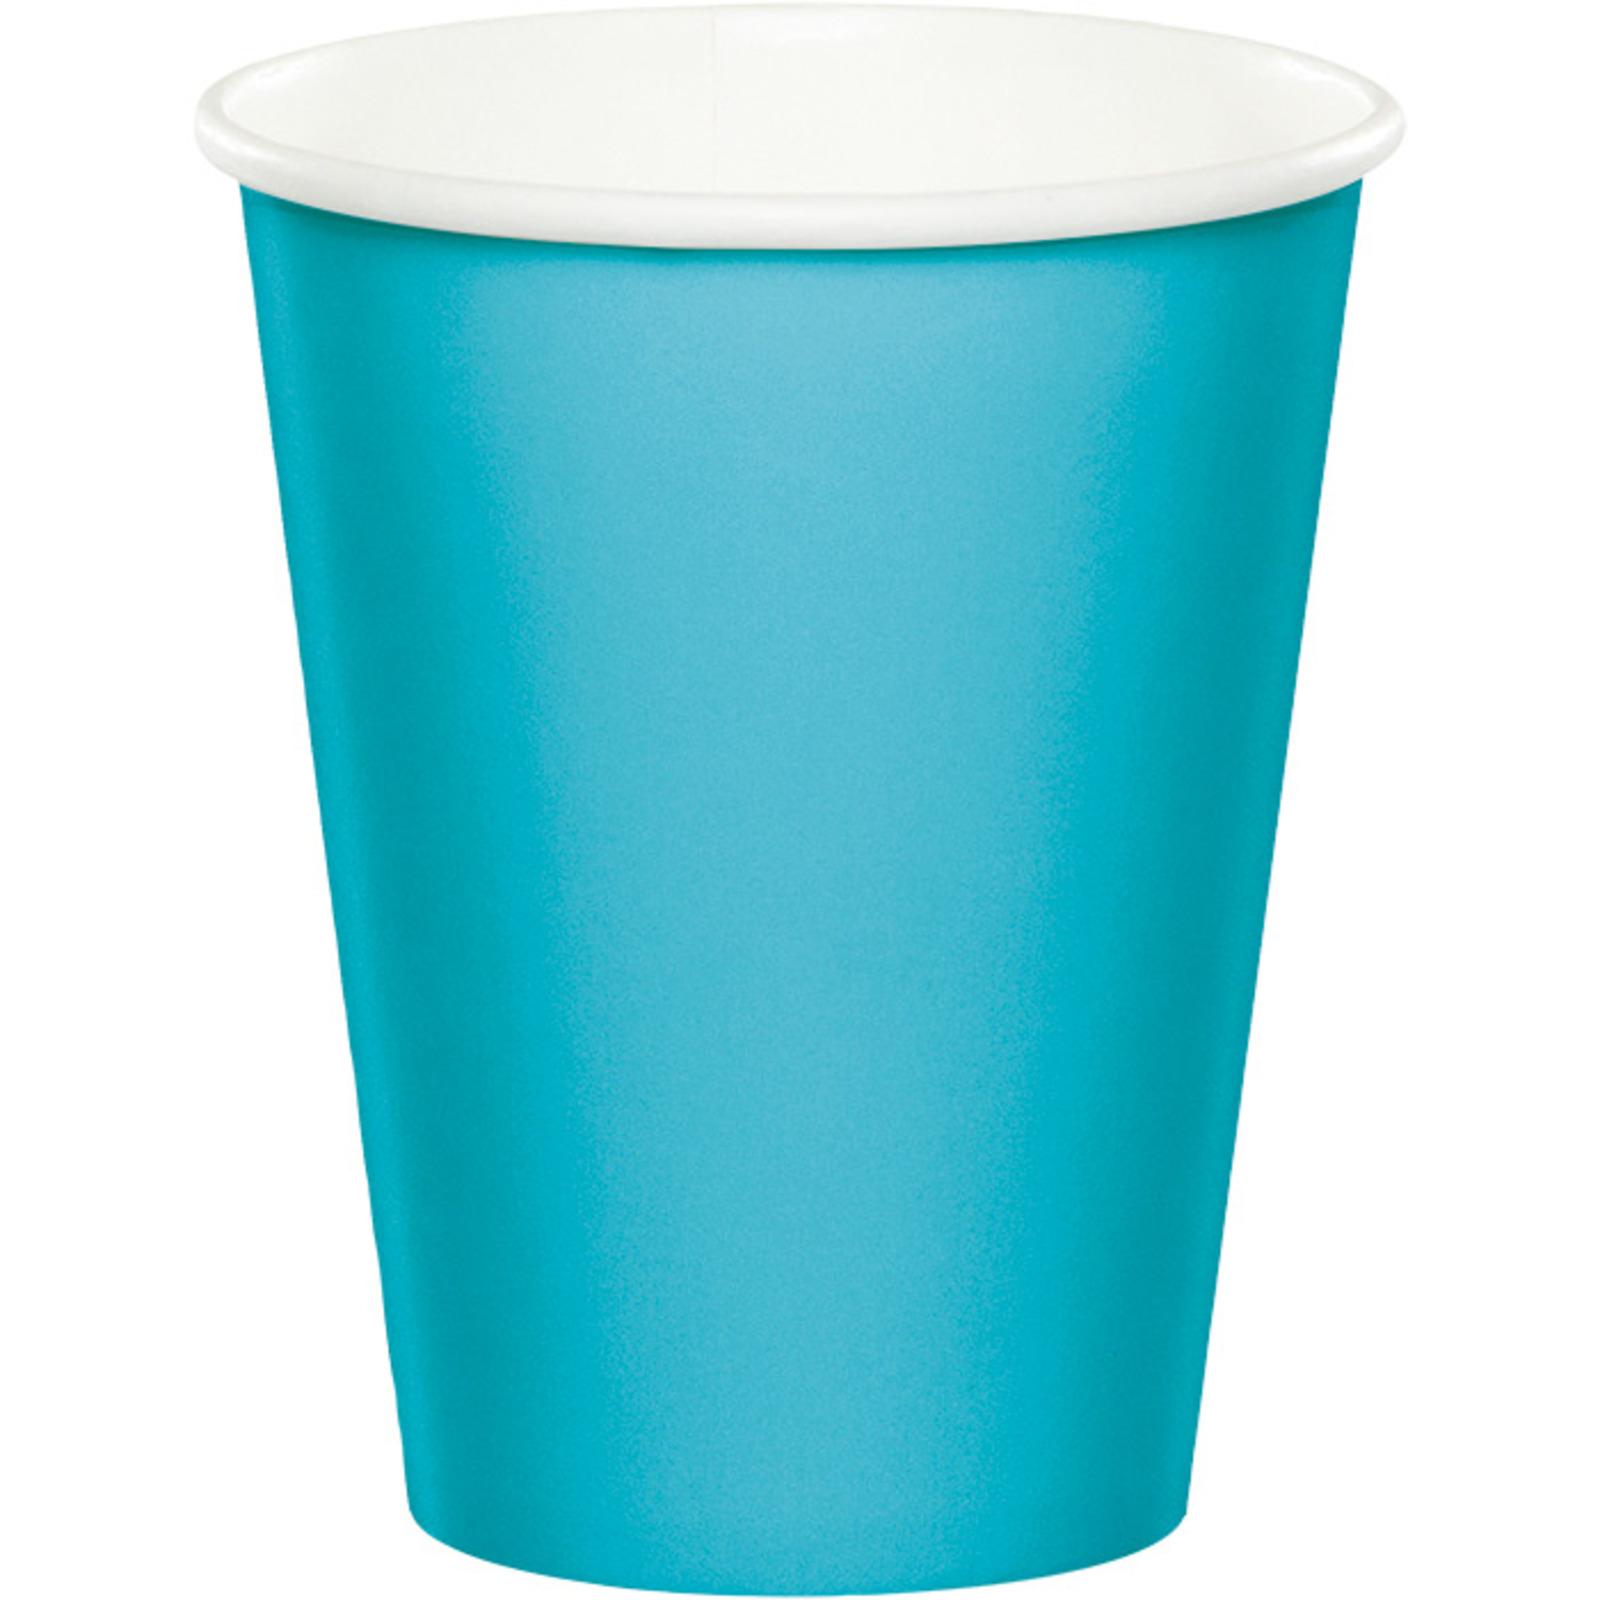 Creative Converting Bermuda Blue 9 Oz Paper Cup